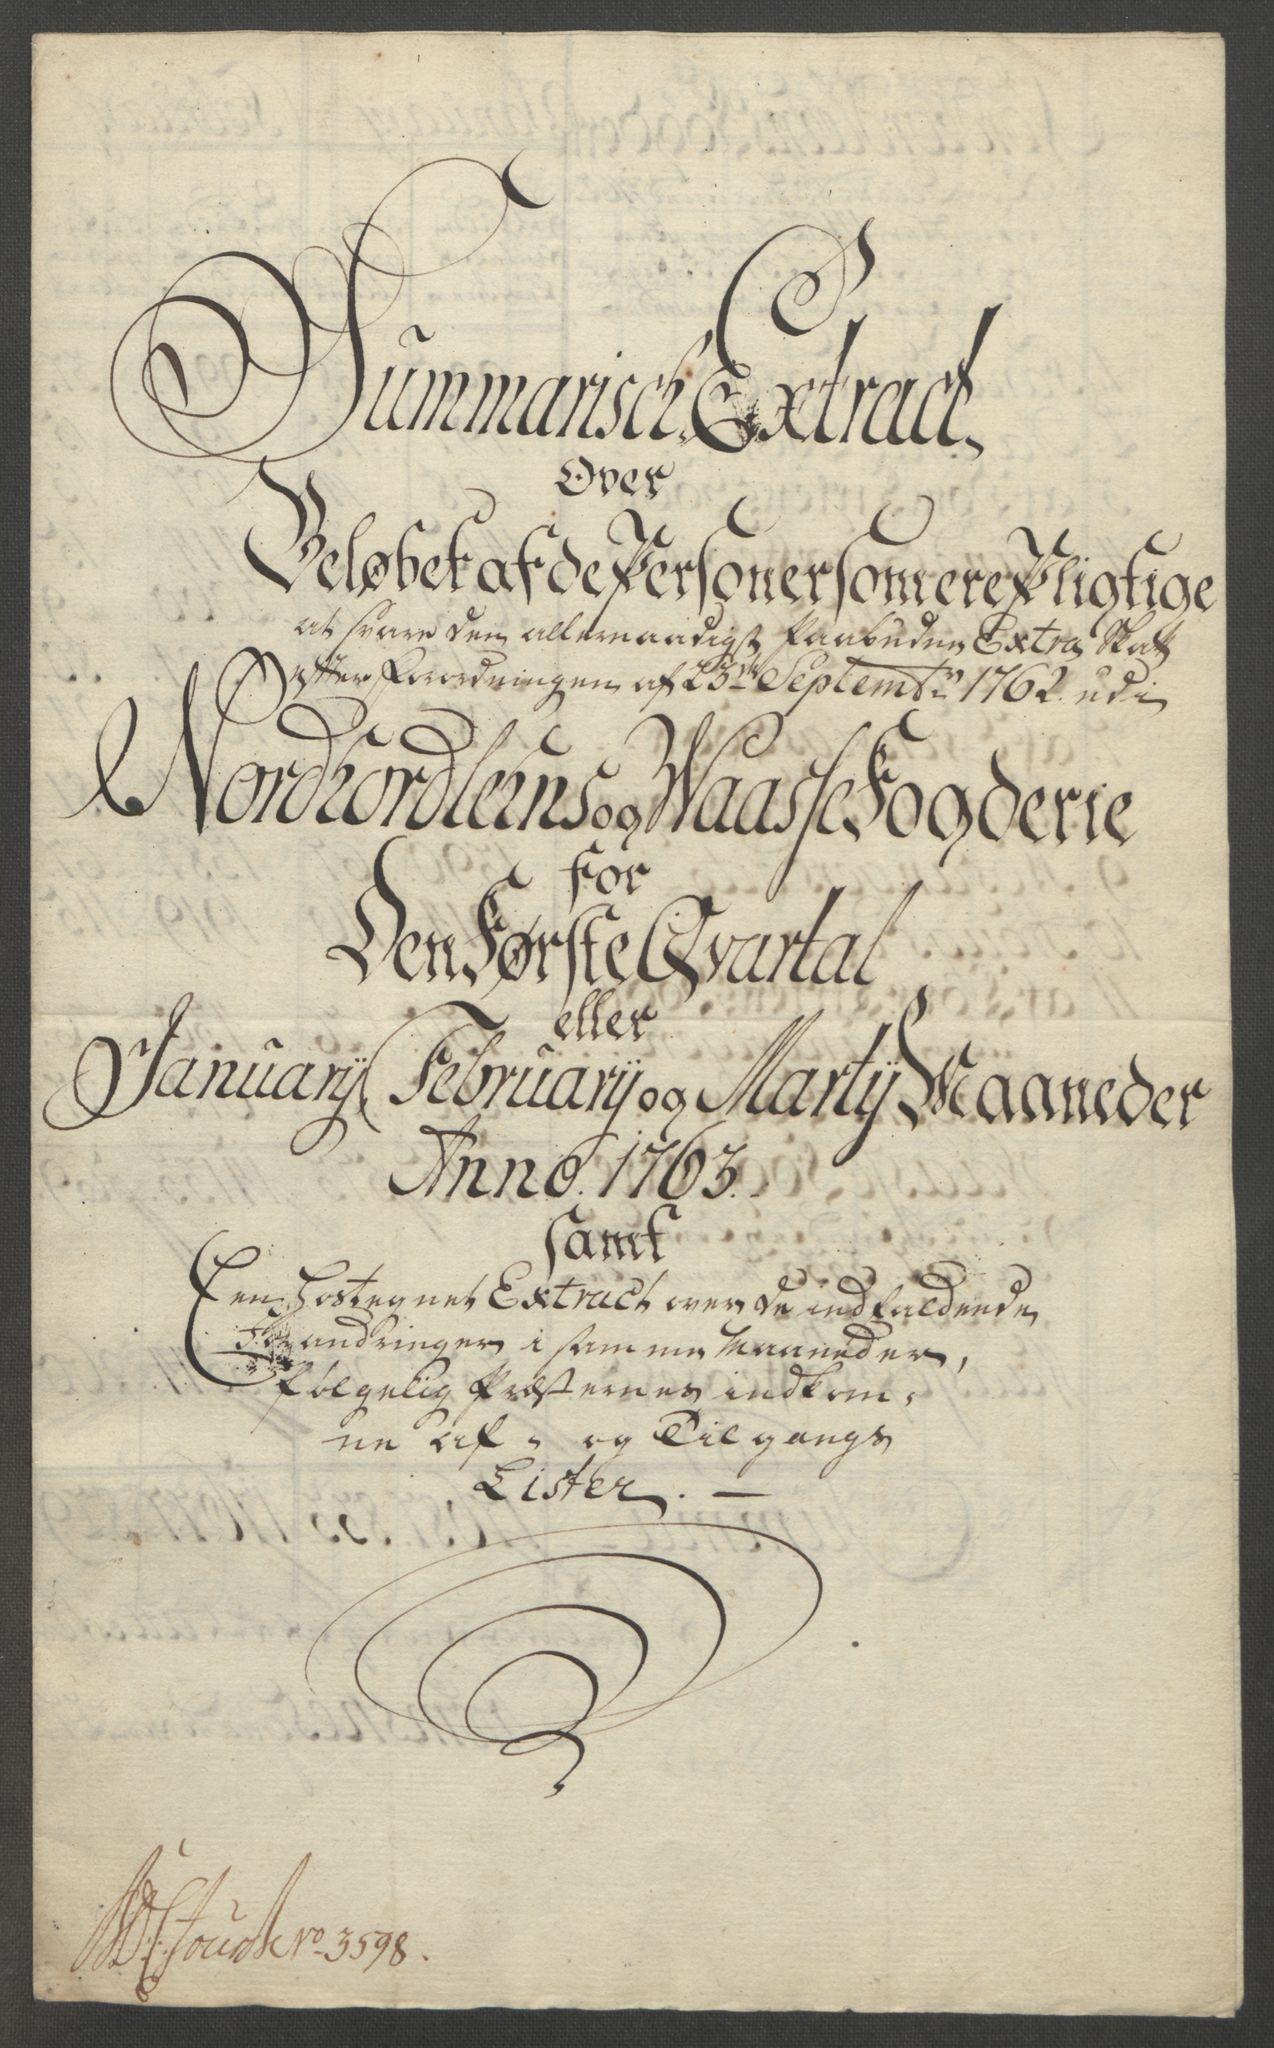 RA, Rentekammeret inntil 1814, Reviderte regnskaper, Fogderegnskap, R51/L3303: Ekstraskatten Nordhordland og Voss, 1762-1772, s. 27